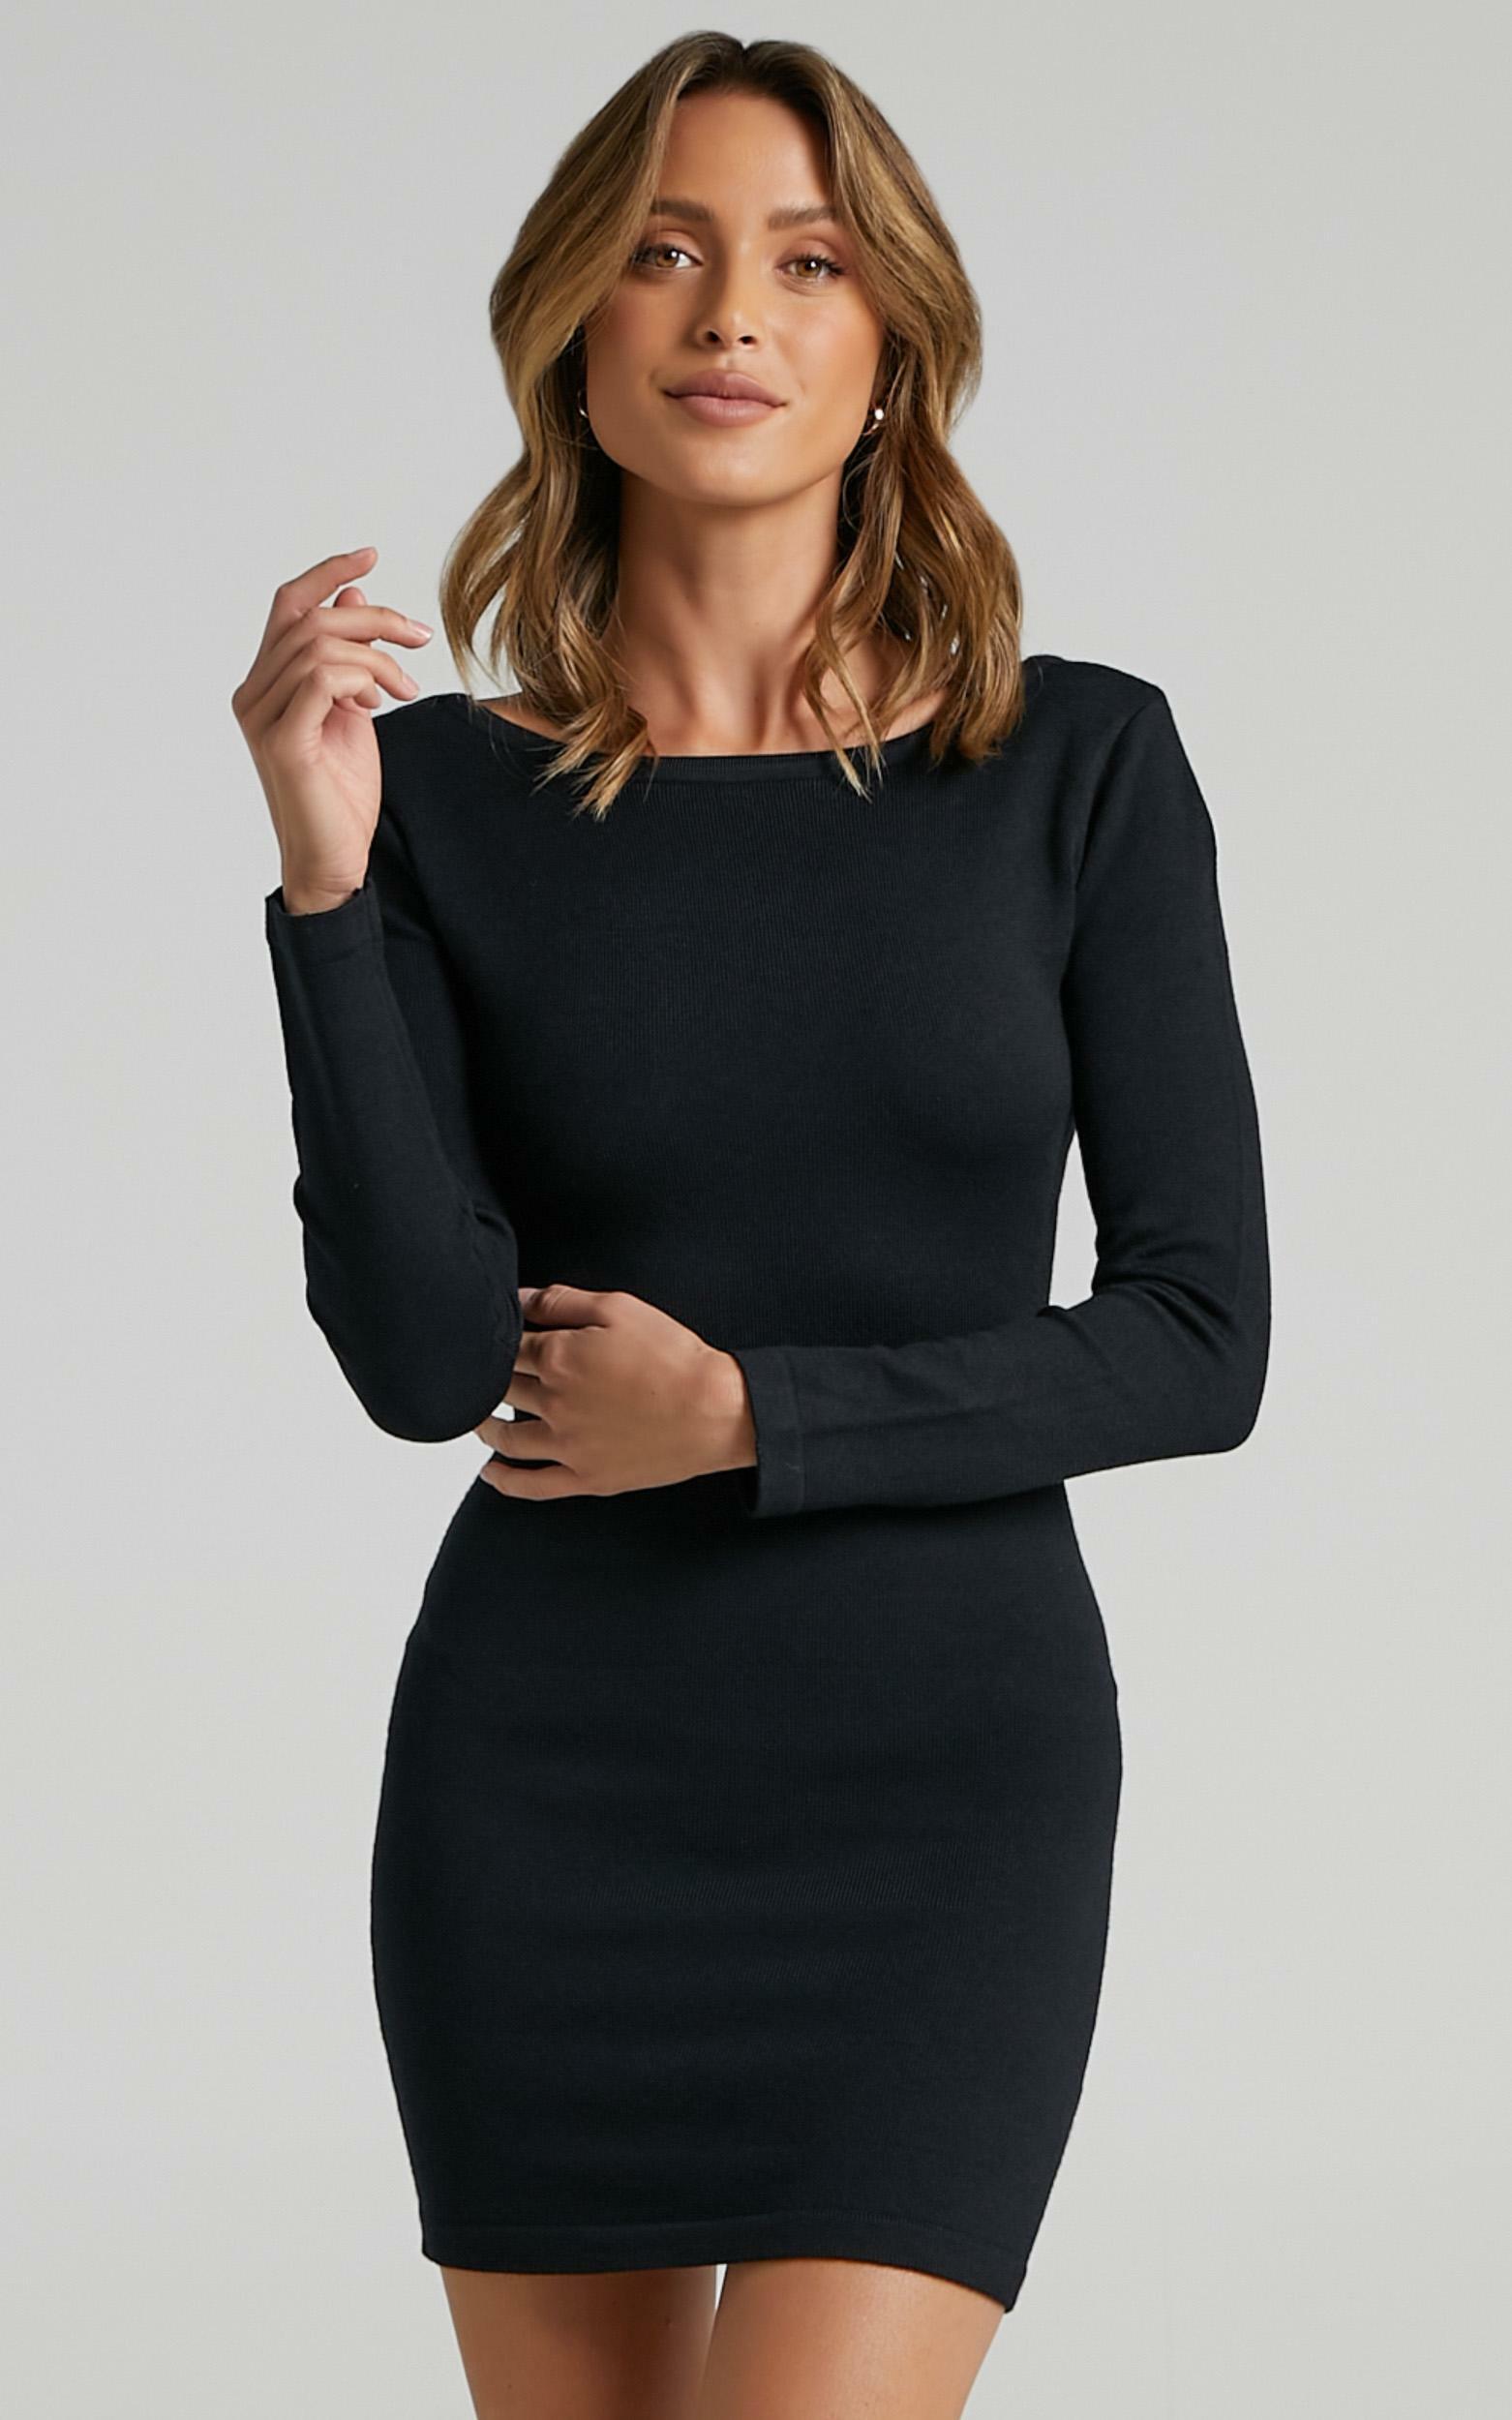 Sonya Knit Dress in Black - 12, BLK1, hi-res image number null